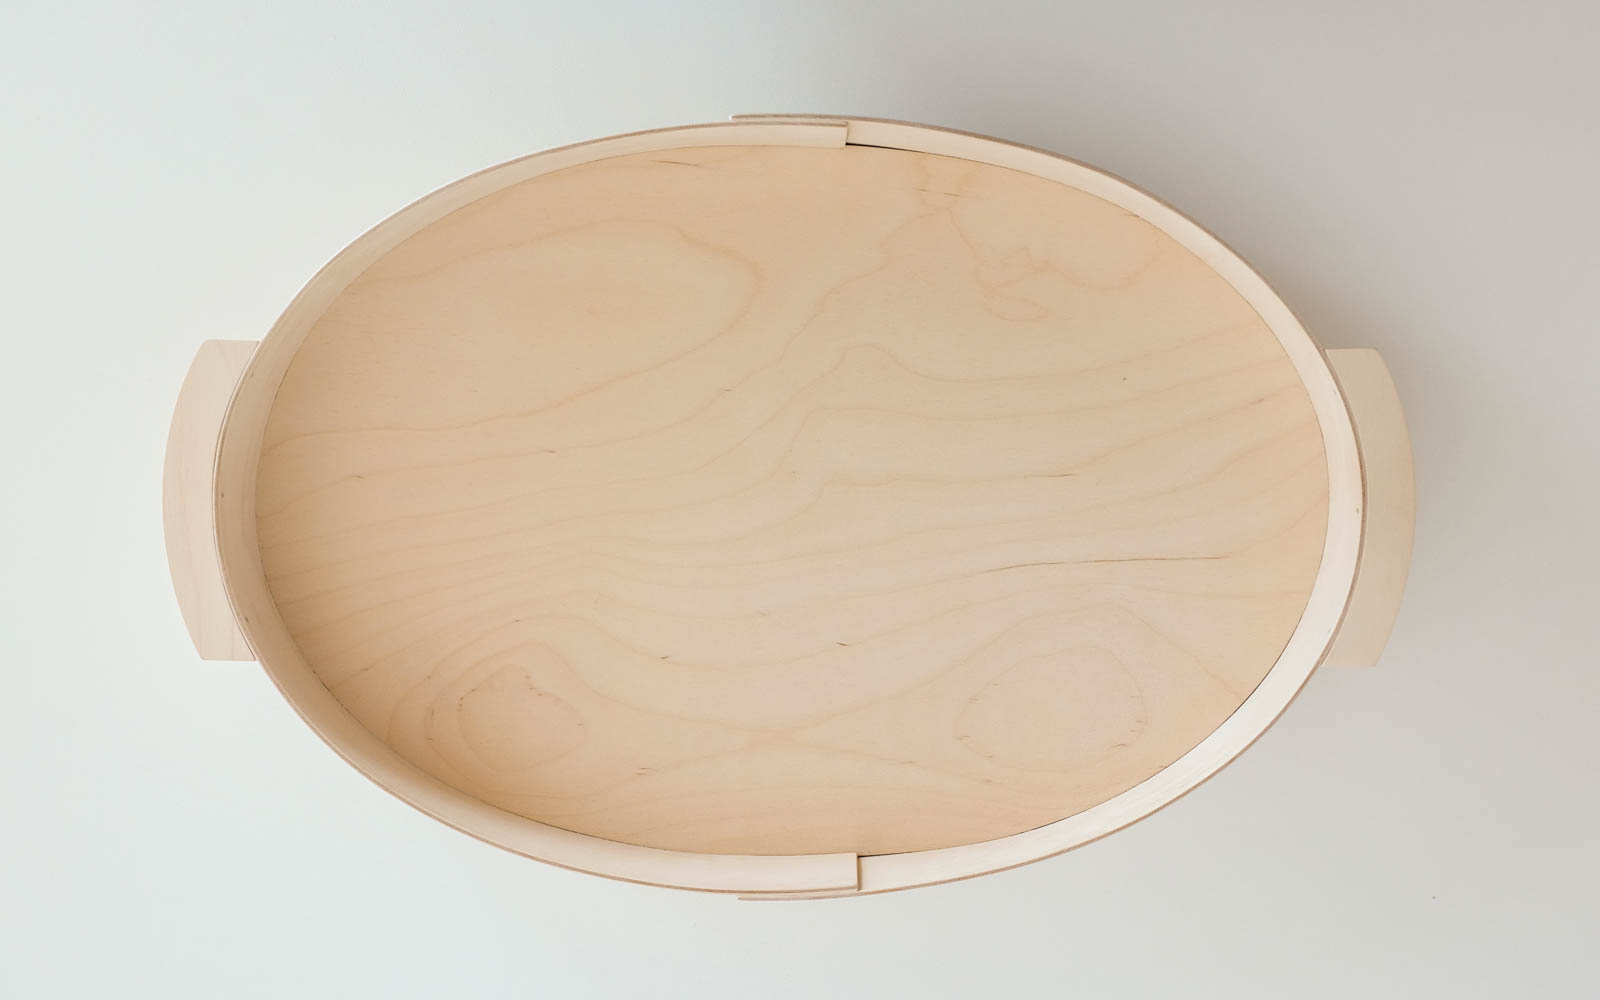 Plywood tray